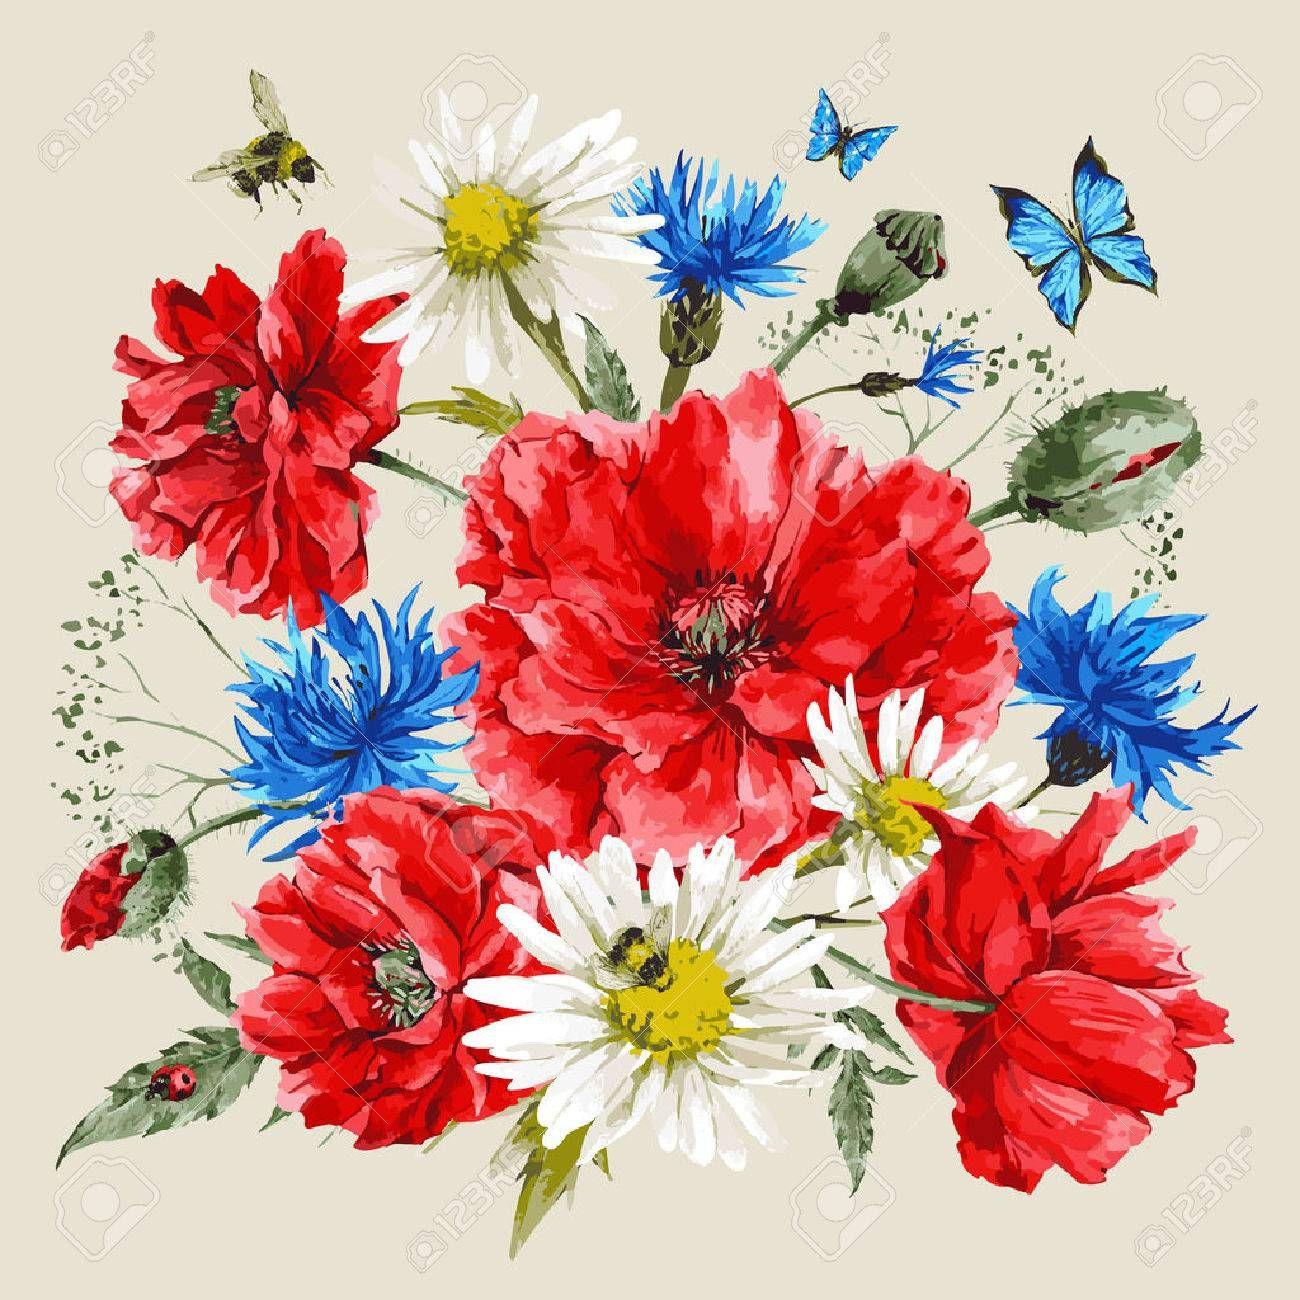 Vintage aquarelle bouquet de fleurs sauvages coquelicots marguerites bleuets vecteur - Bouquet de fleurs sauvages ...